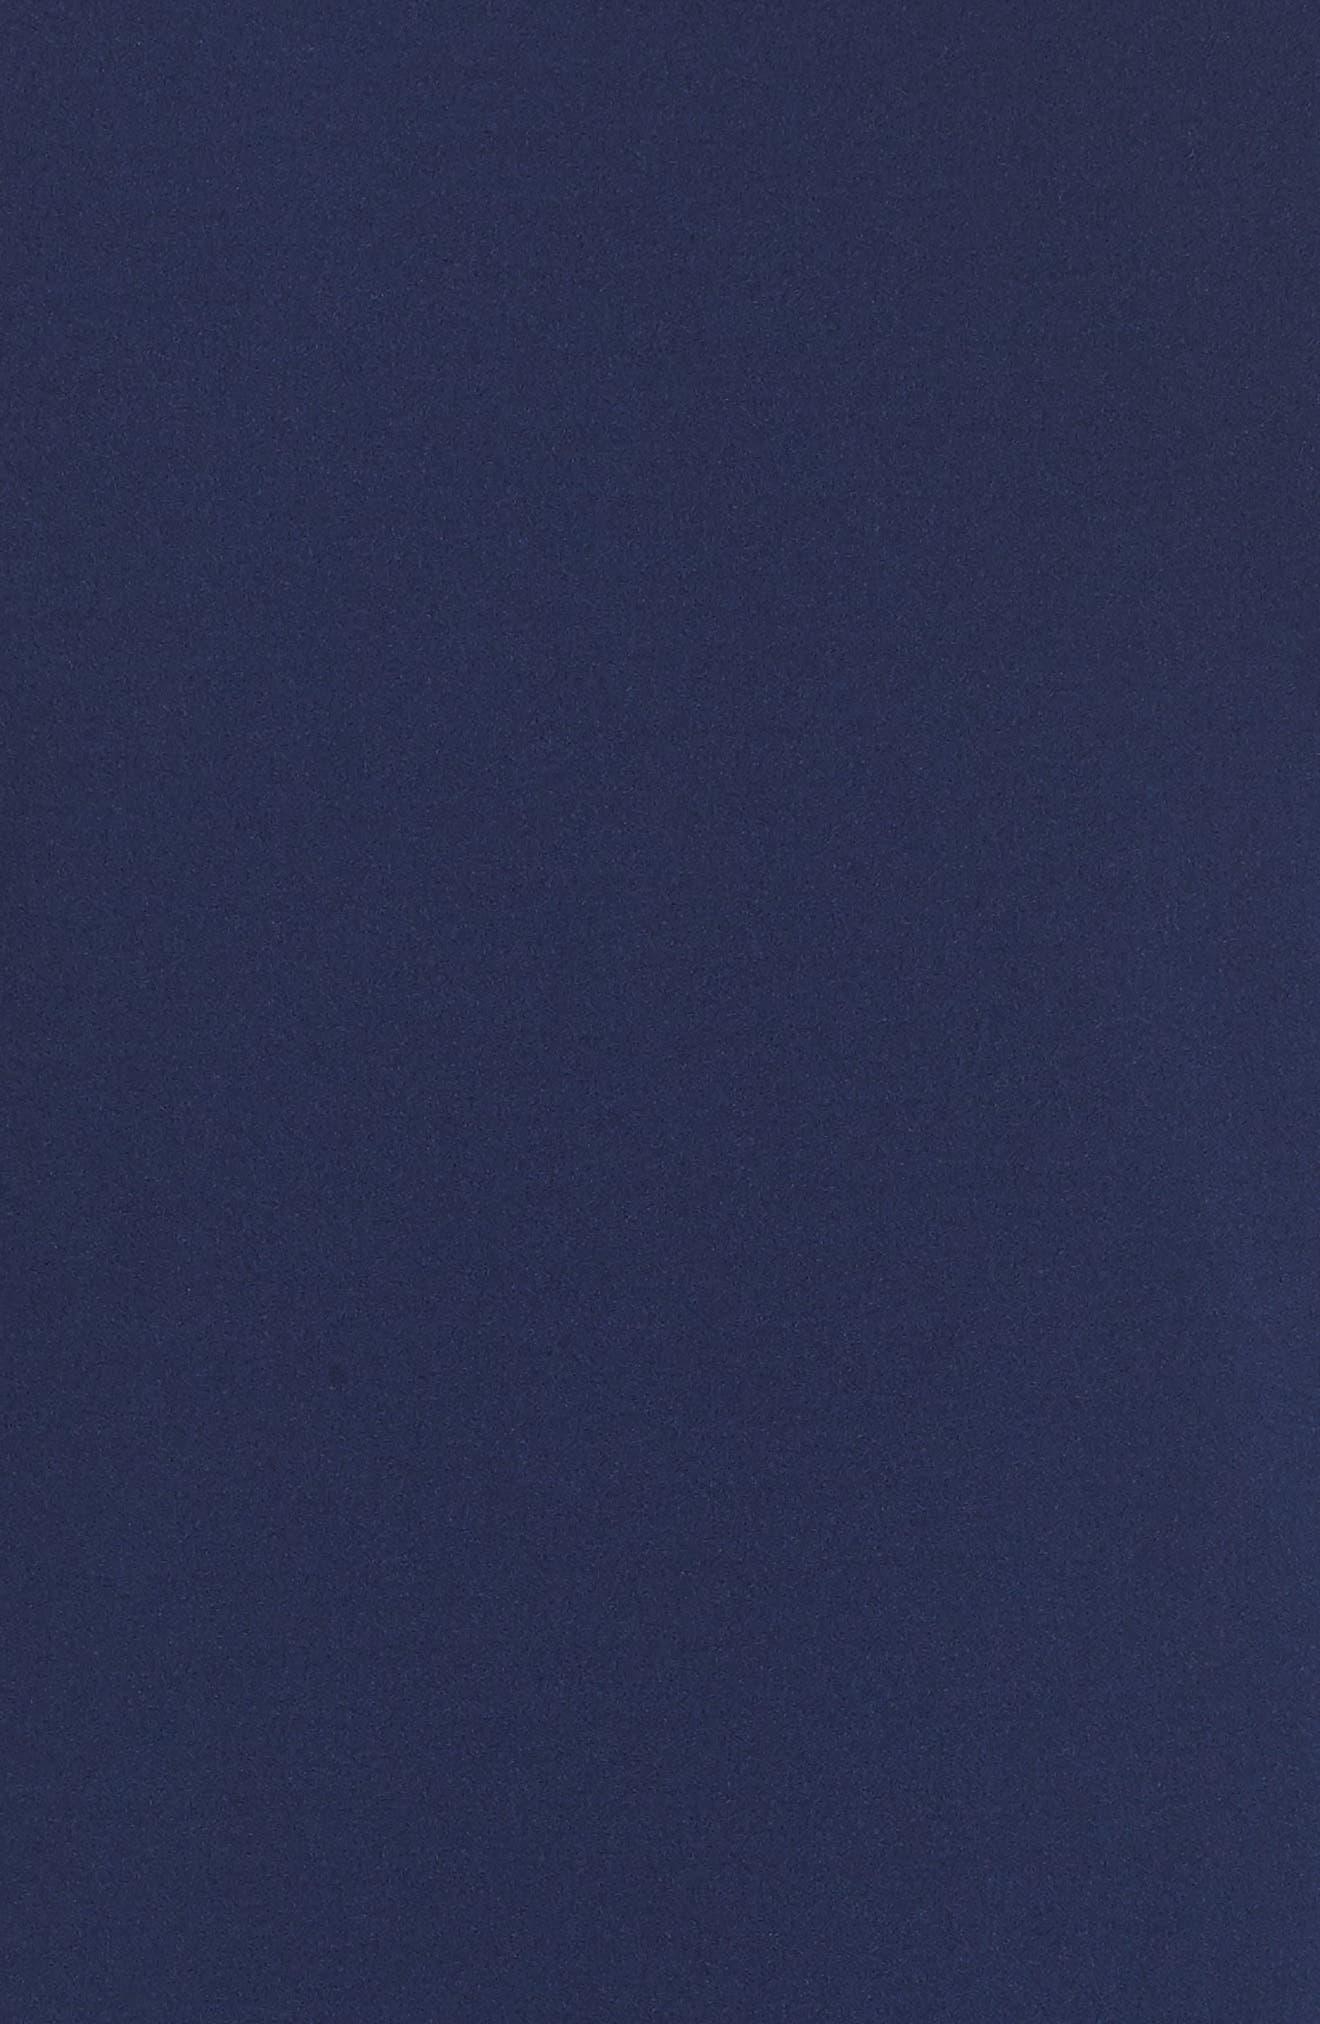 Knit Crepe Asymmetrical Jumpsuit,                             Alternate thumbnail 5, color,                             412